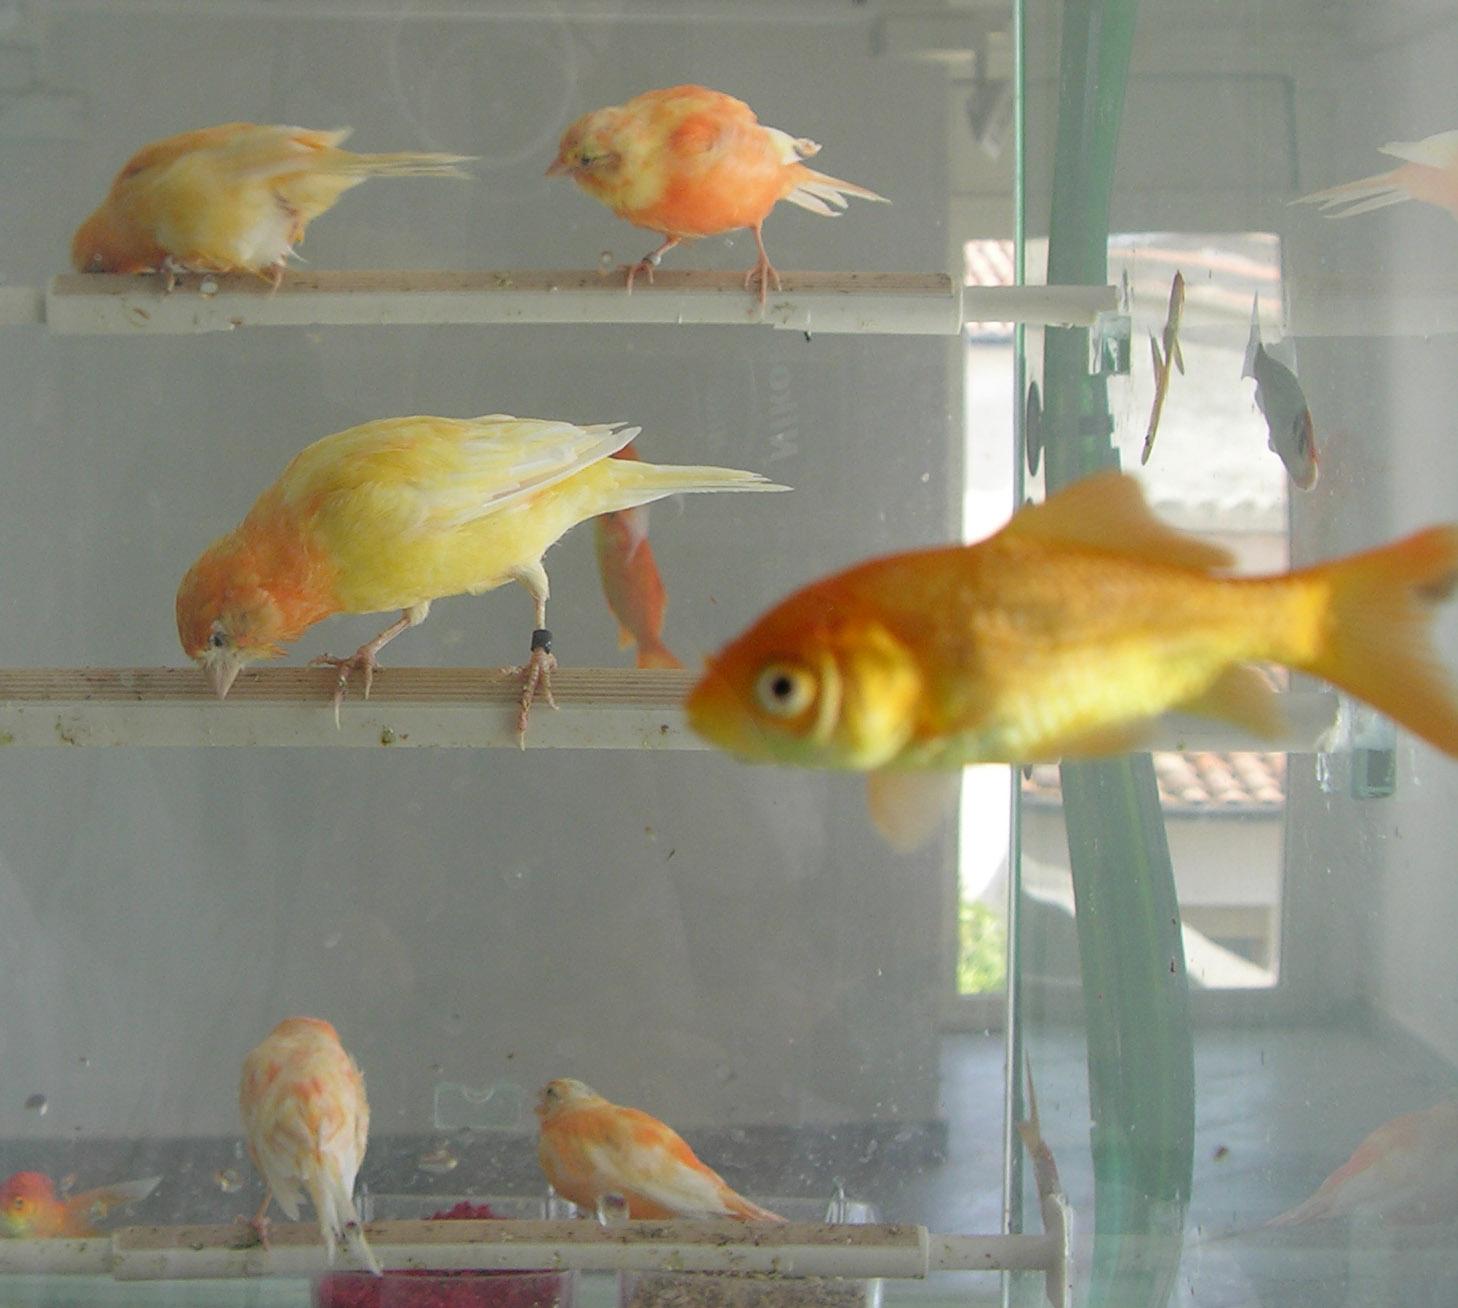 Robert Gligorov, H2O, 2001, pesci, canarini, 120 x 80 x 70 cm, courtesy Galleria Pack, Milano